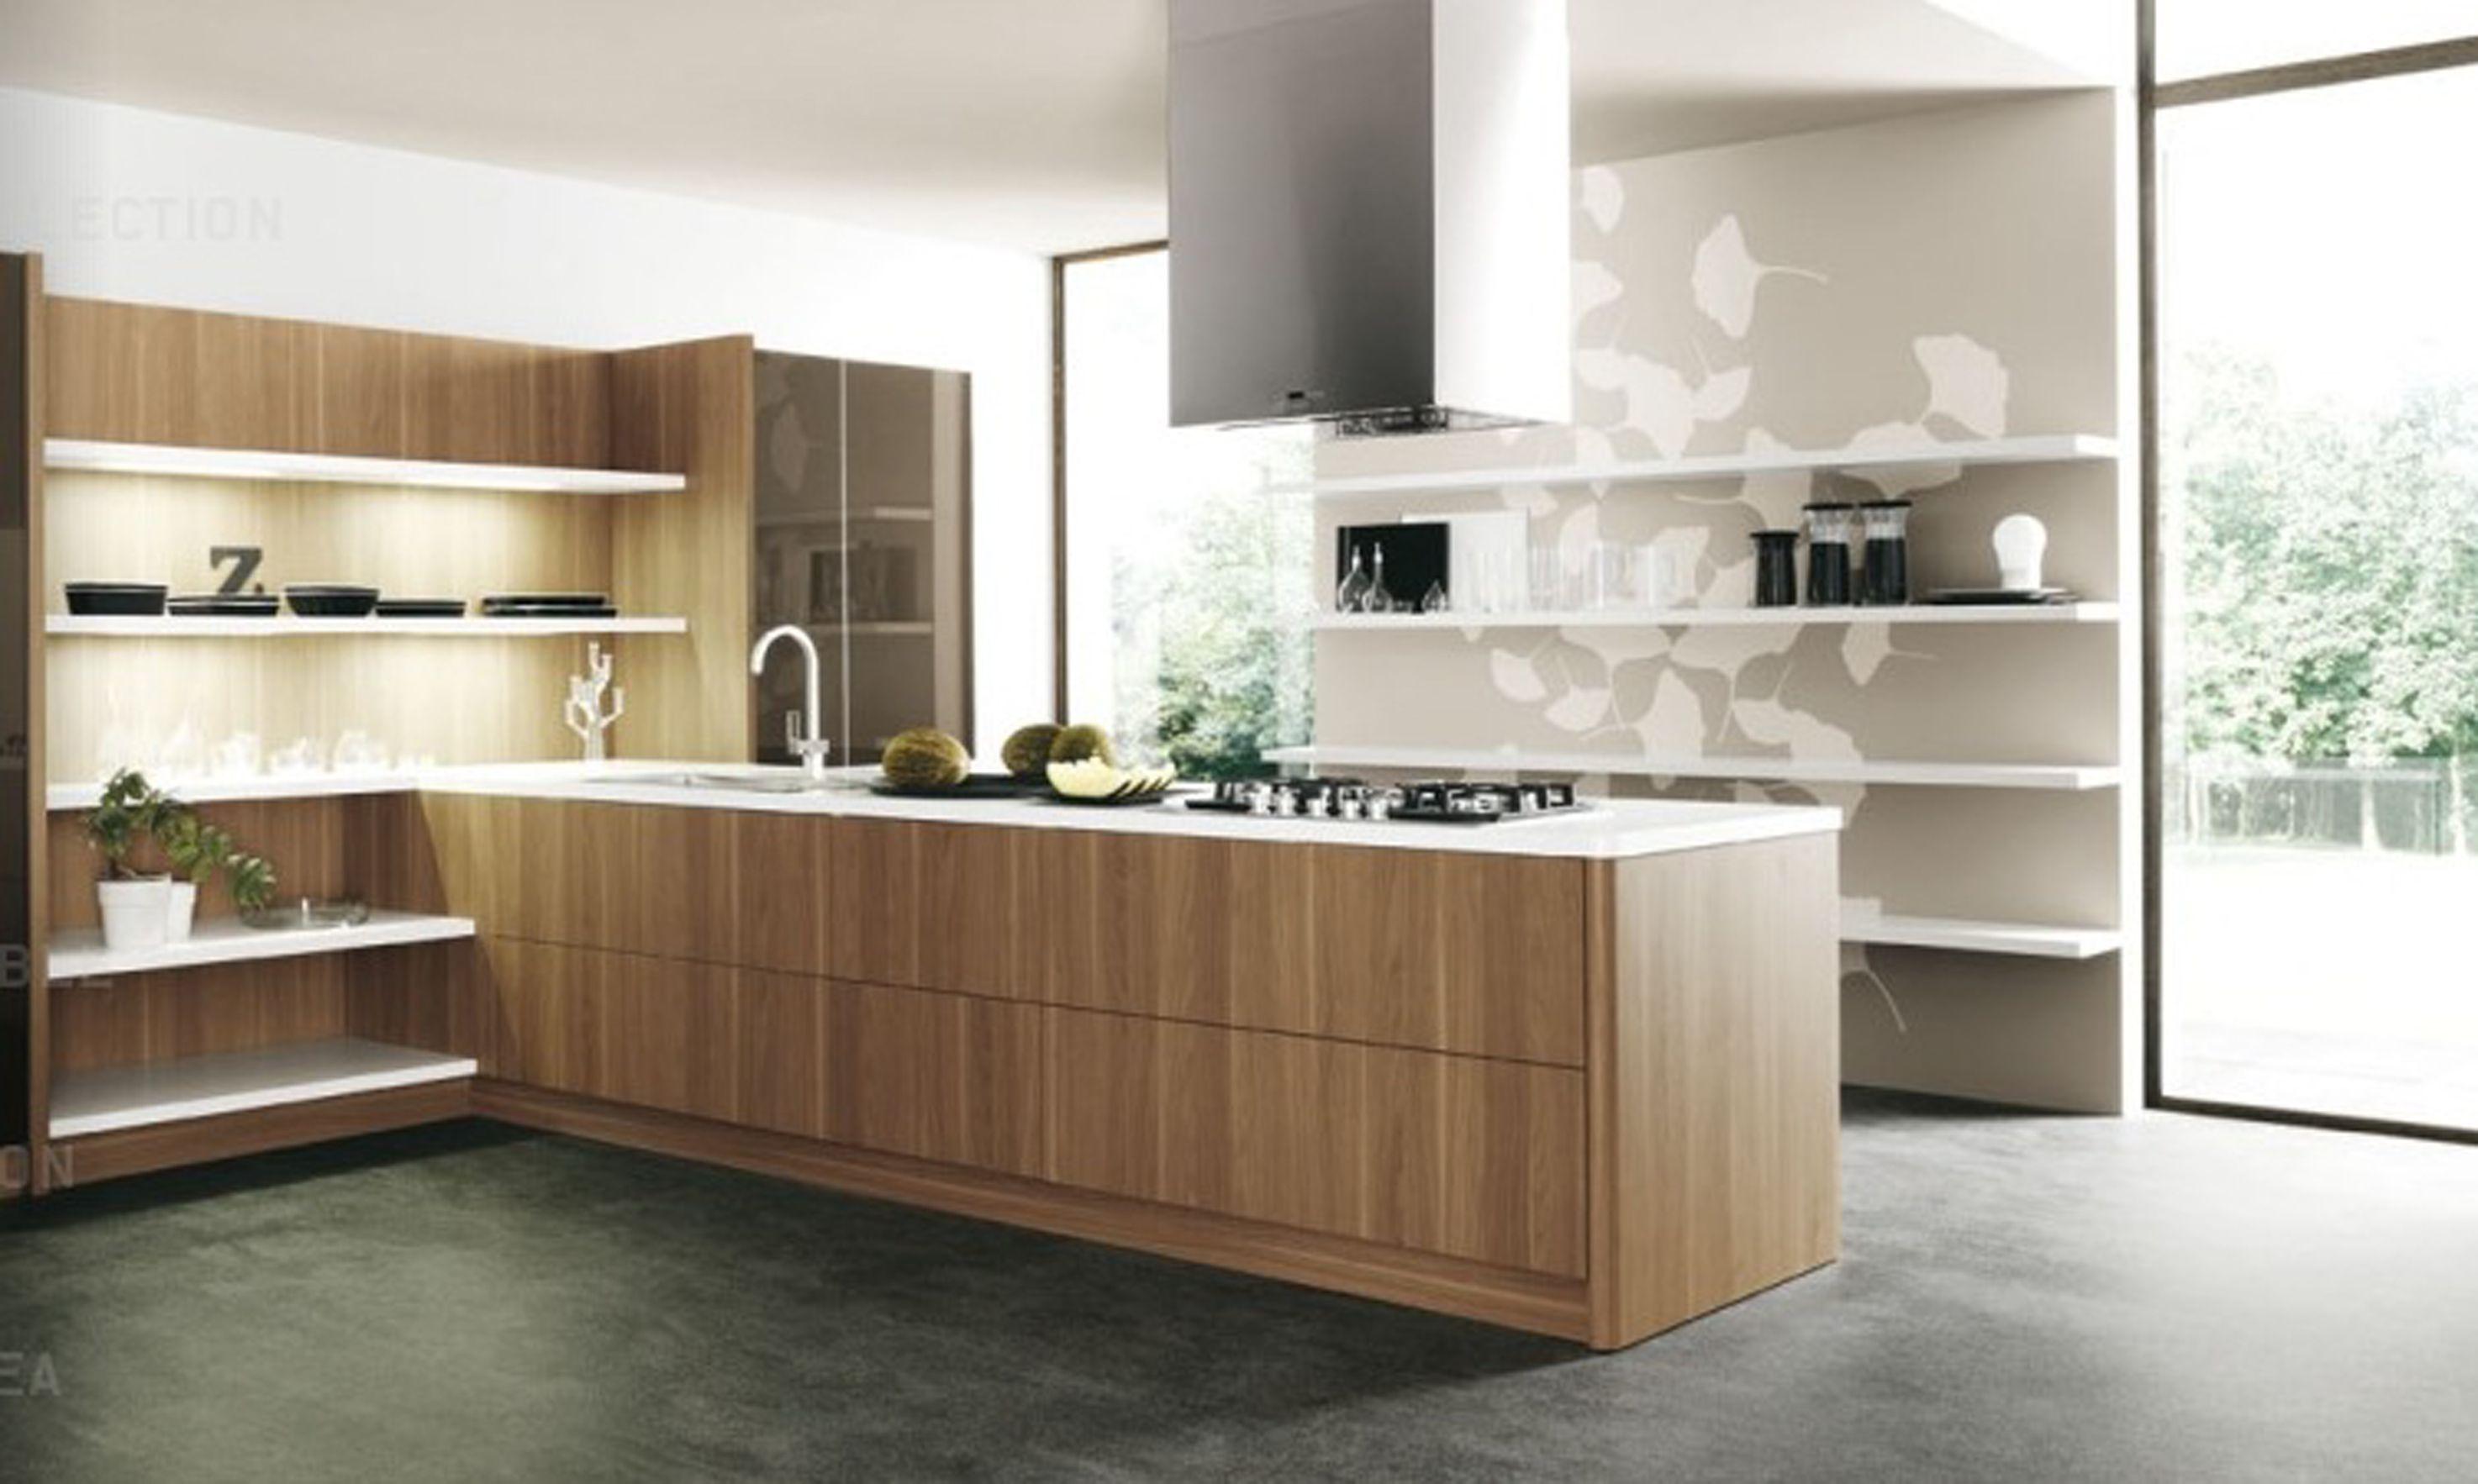 kitchen design ideas photos black kitchen cabinet design ideas kitchen design ideas for small galley kitchens #Kitchen